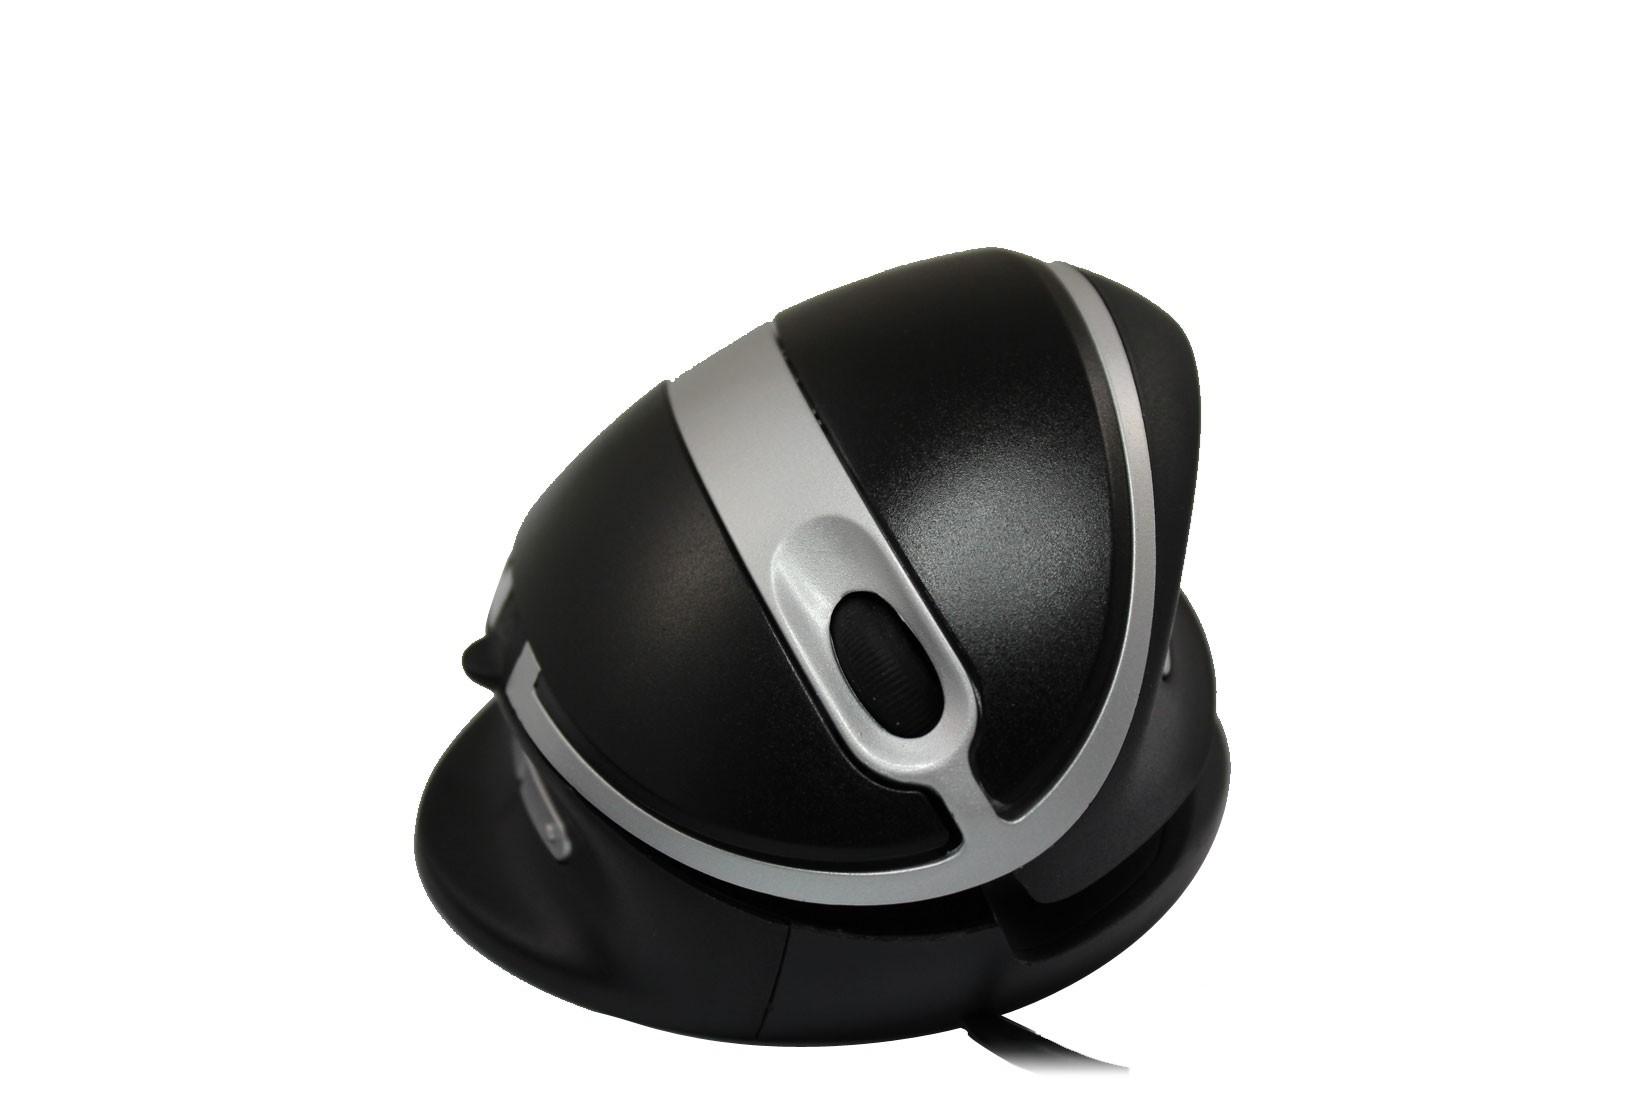 souris ergonomique verticale oyster mouse avec fil oytrd le moblier pour vos espaces. Black Bedroom Furniture Sets. Home Design Ideas